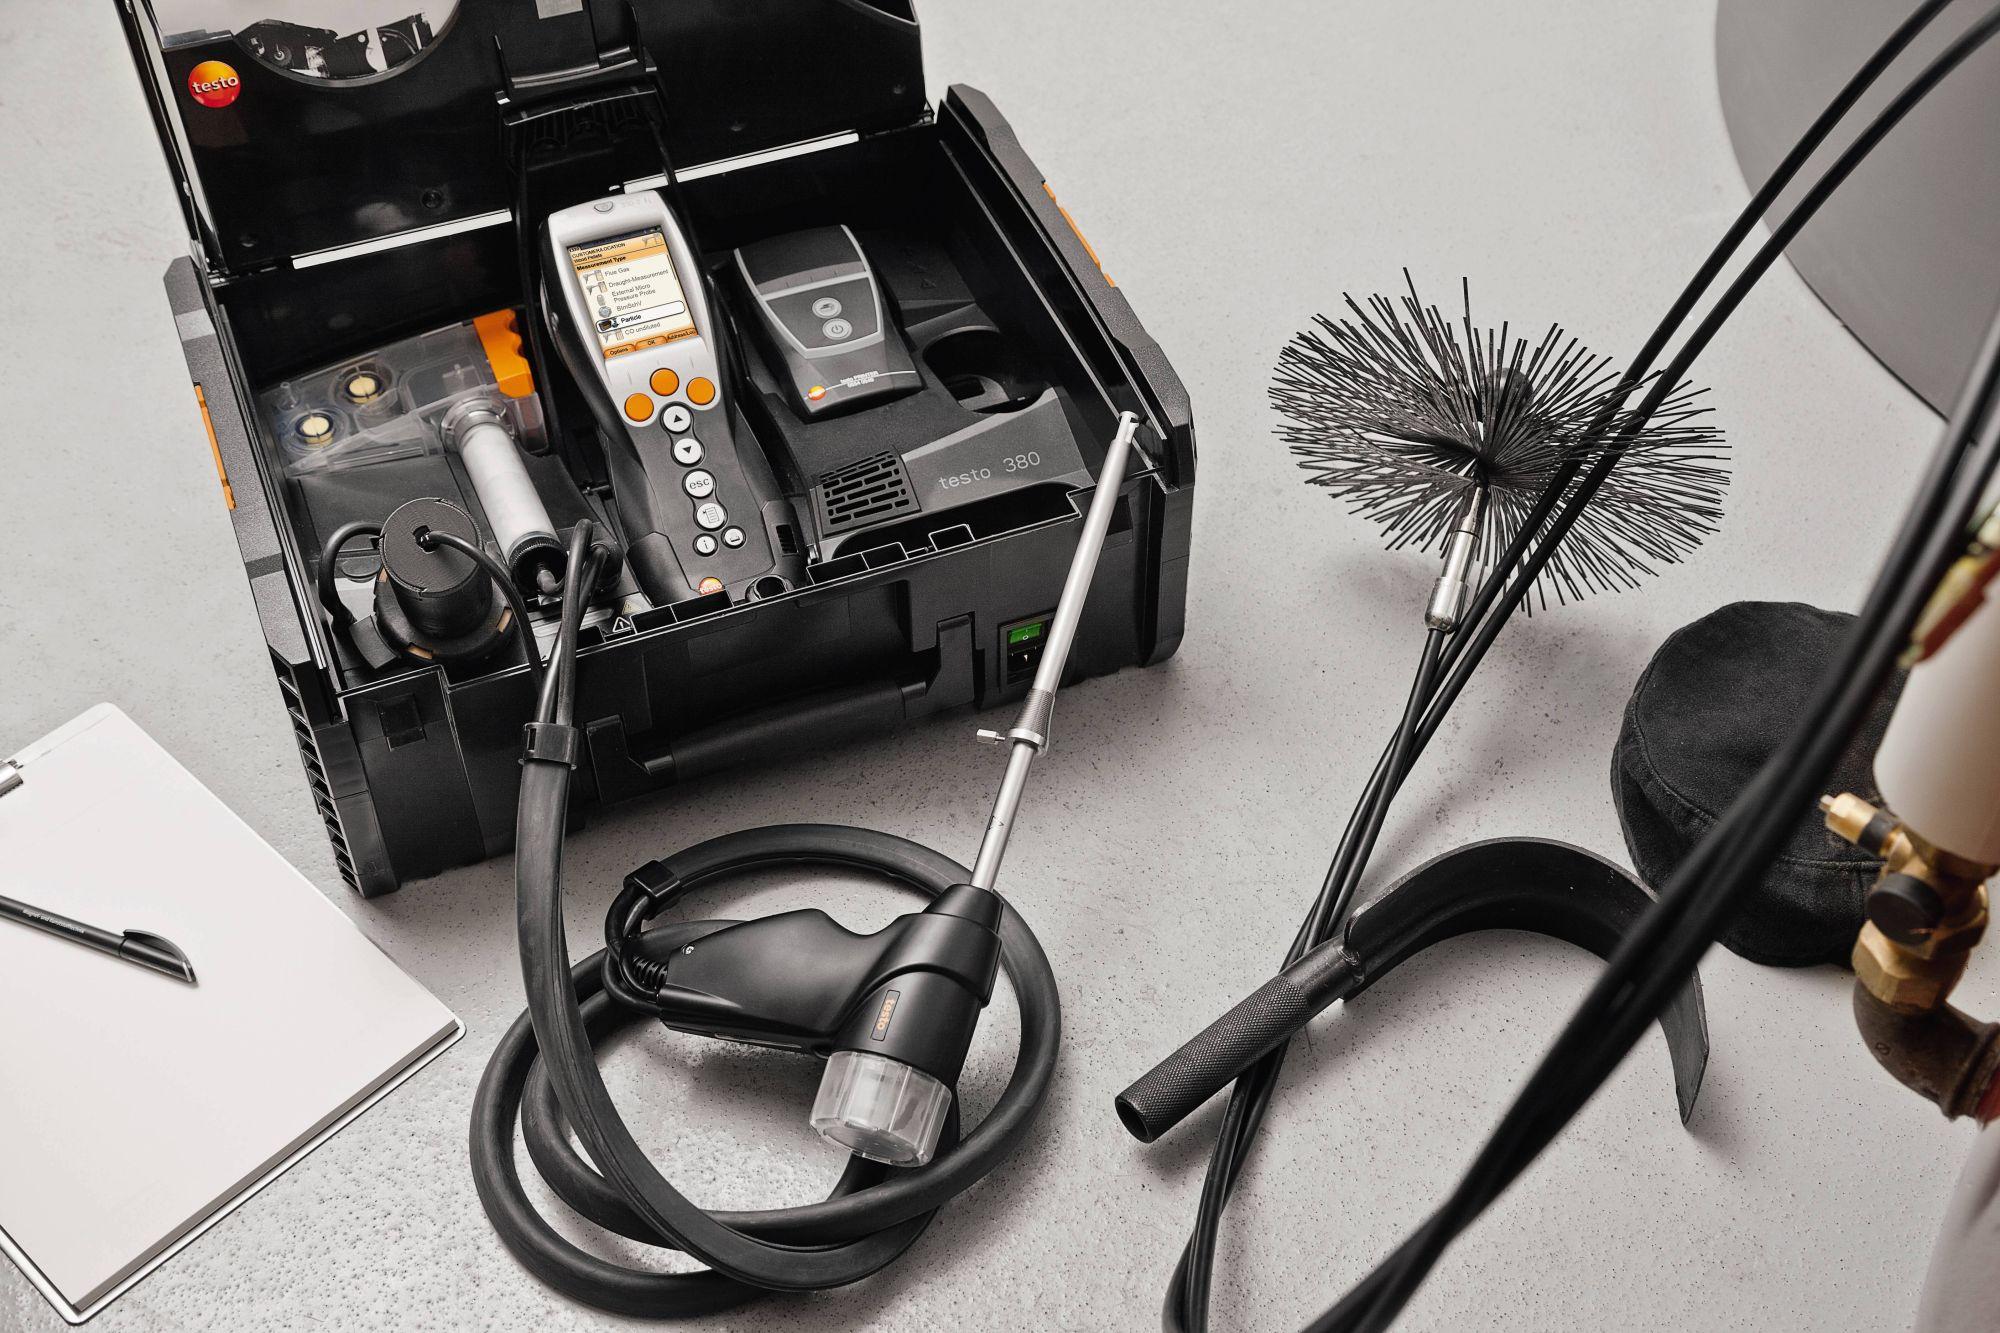 Analyzátor jemných prachových částic testo 380